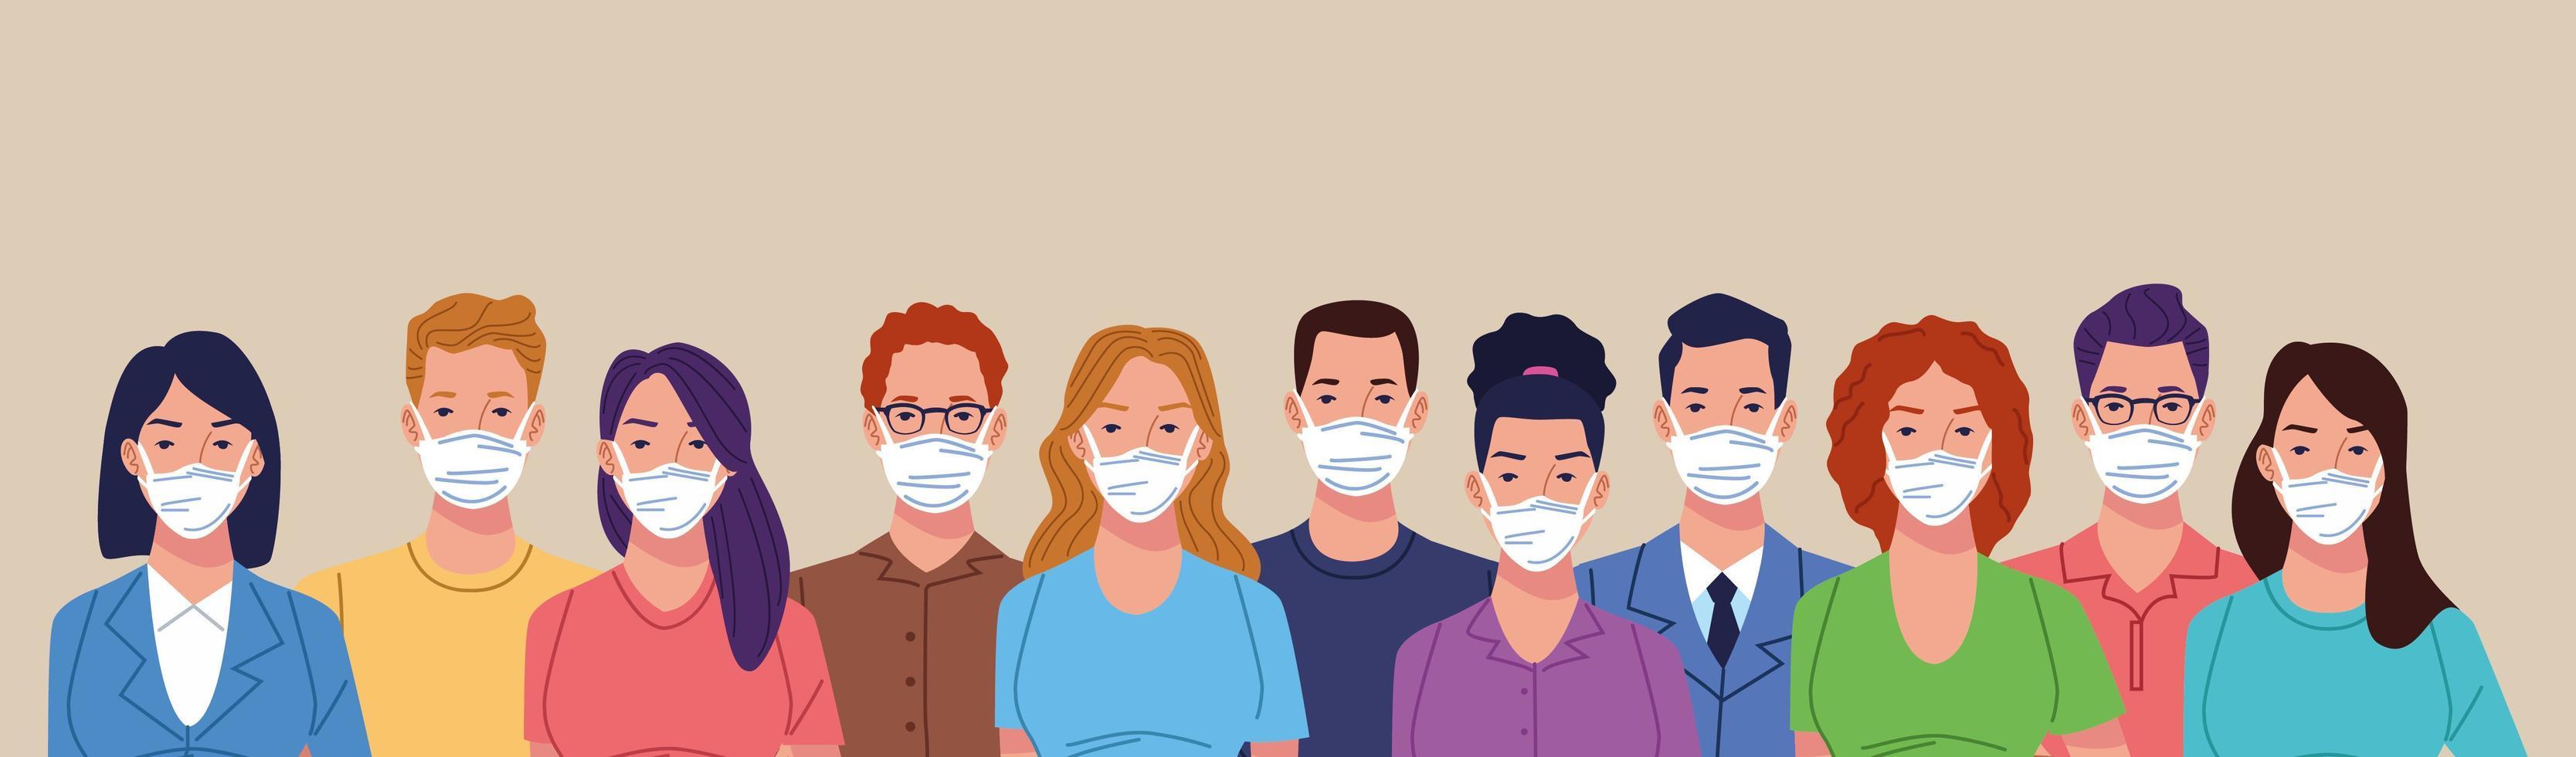 folkmassan som använder ansiktsmask för coronavirus vektor